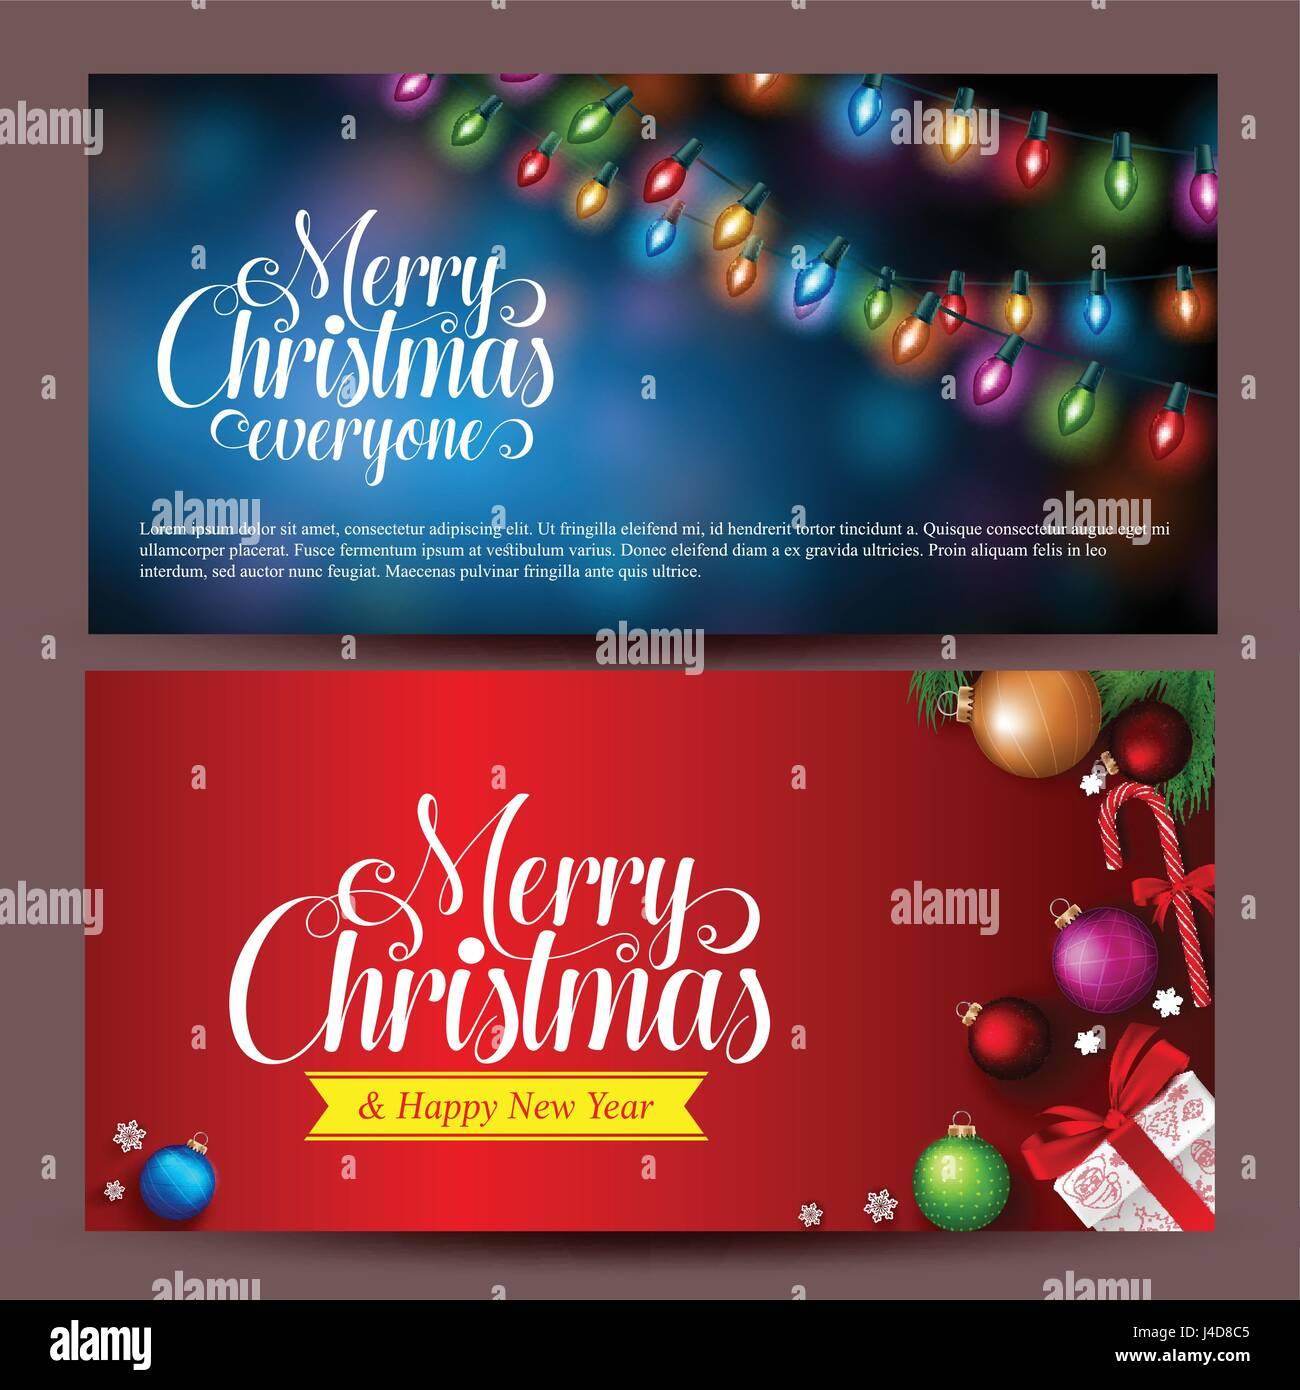 Weihnachtsverkauf Banner Vektor-Design mit Weihnachten Kugeln ...